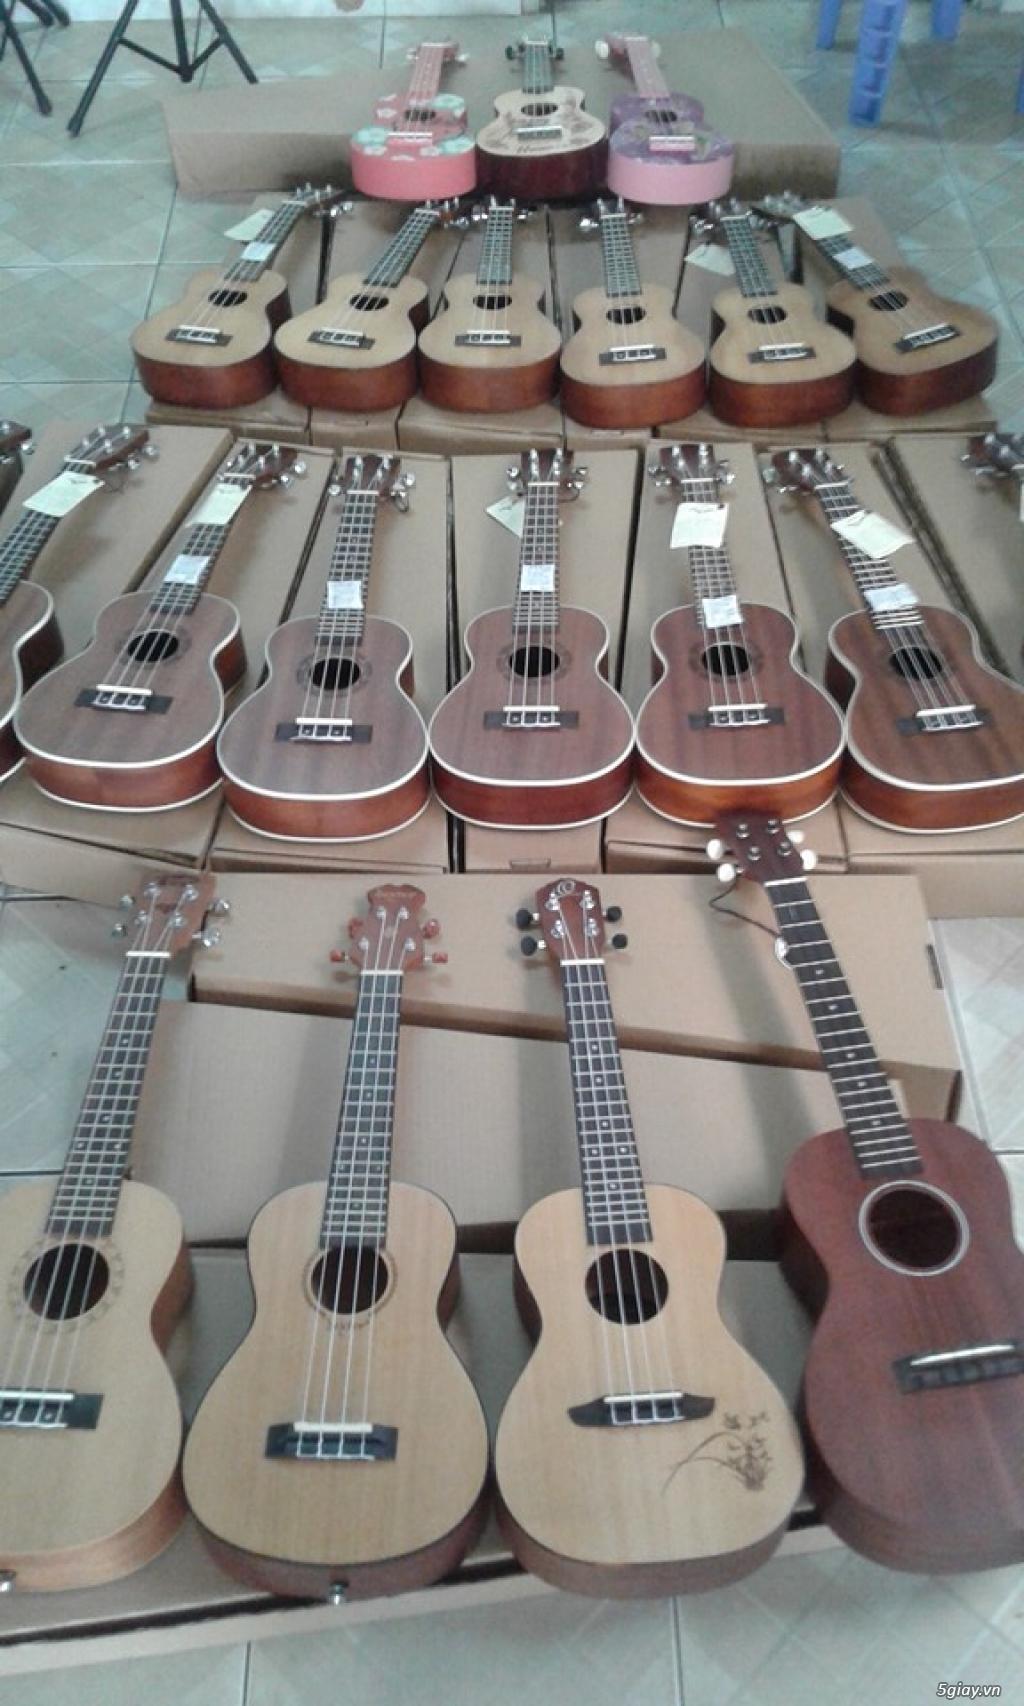 bán đàn Ukulele giá rẻ tại tại cửa hàng nhạc cụ mới Bình Dương - 16